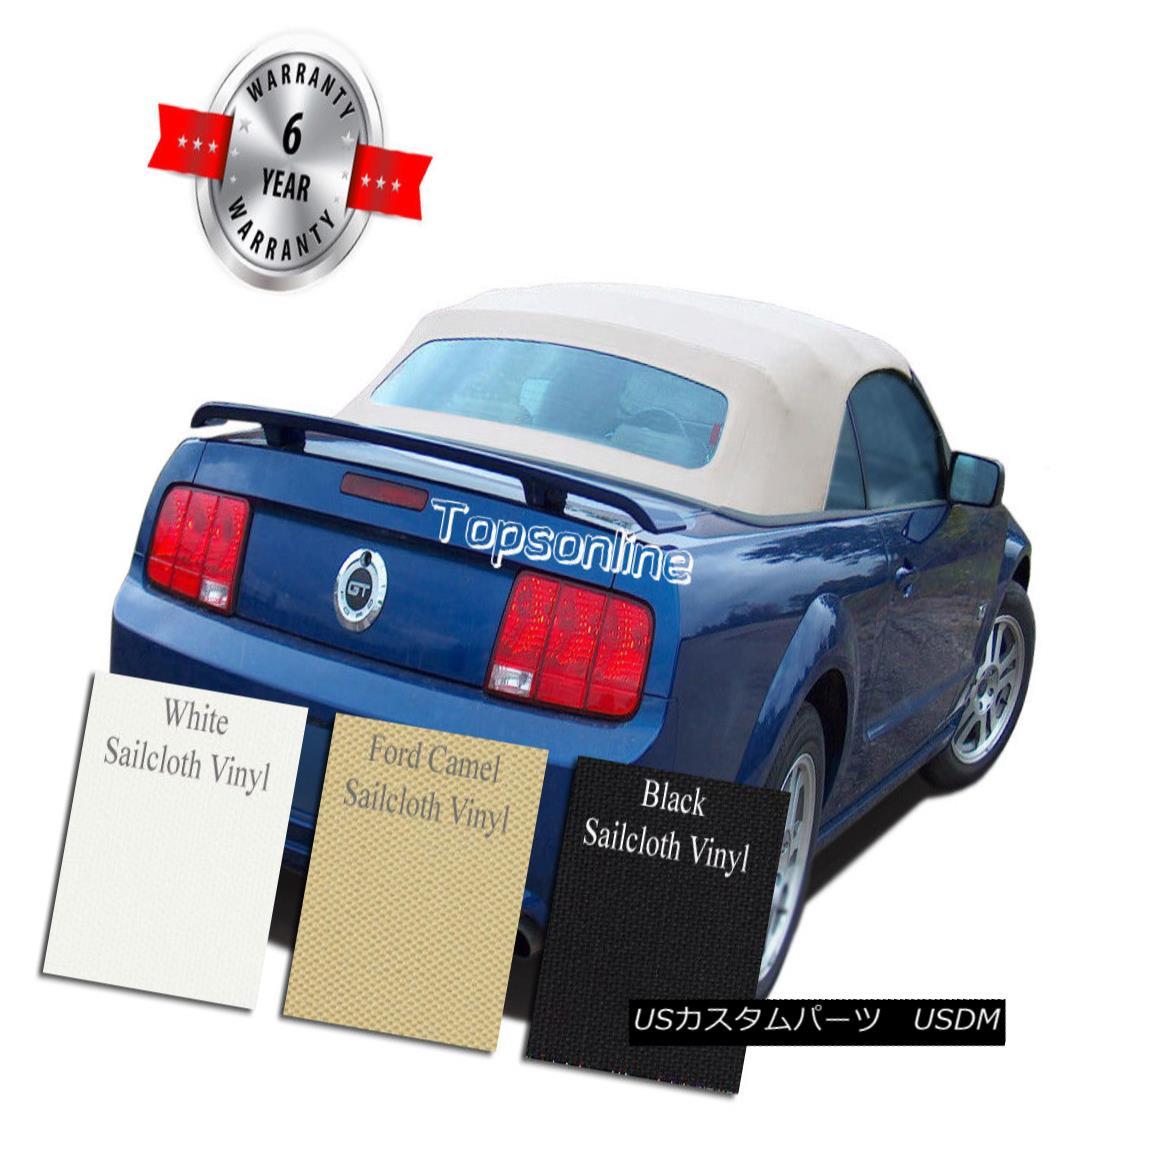 幌・ソフトトップ Ford Mustang Convertible Soft Top With Heated Glass Window Sailcloth Vinyl 05-14 フォード・マスタング・コンバーチブル・ソフト・トップ・ヒート・ガラス・ウィンドウ・セーラークロス・ビニール05-14